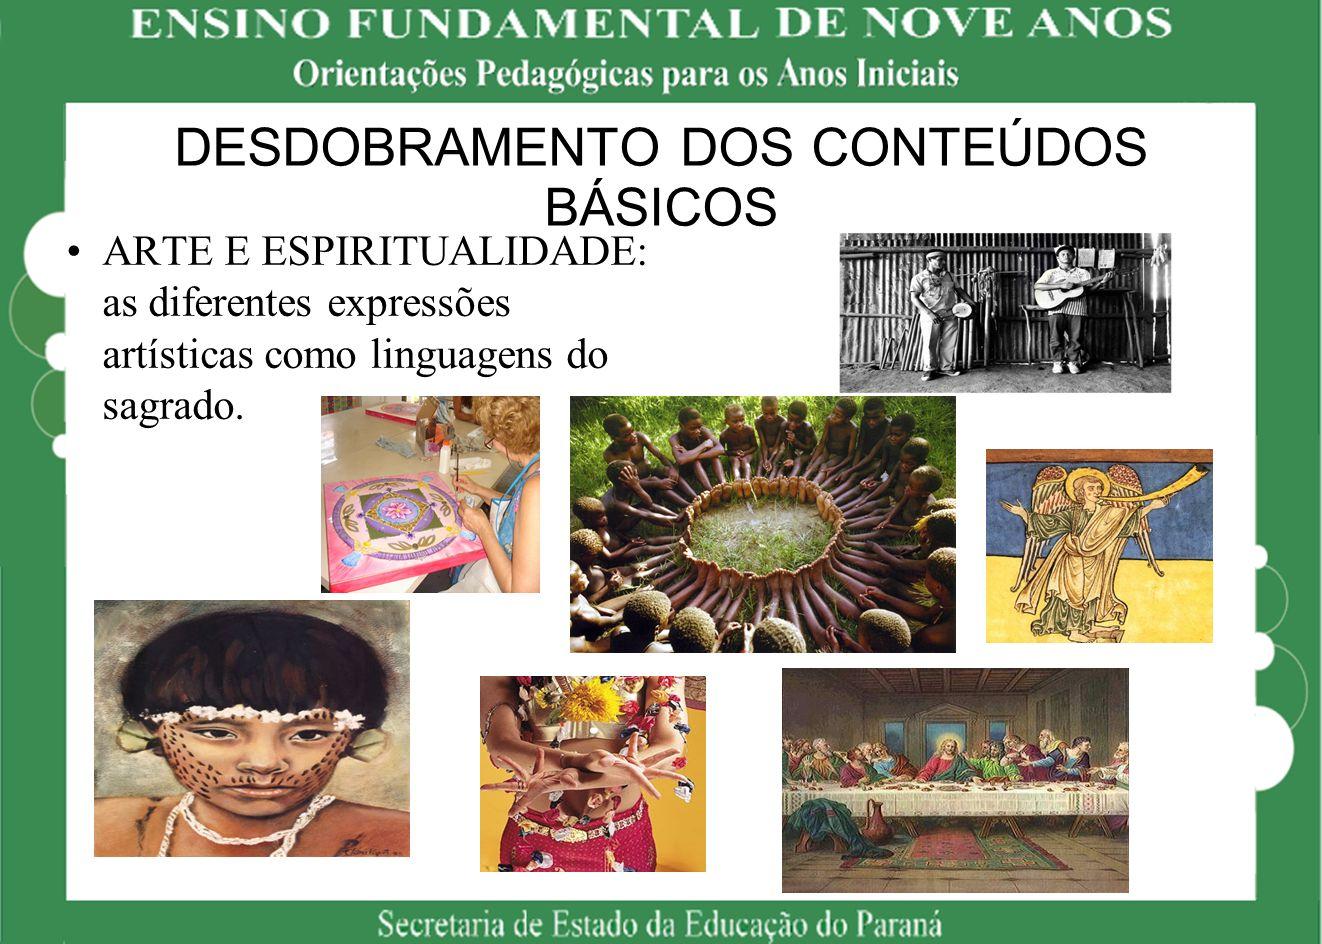 DESDOBRAMENTO DOS CONTEÚDOS BÁSICOS ARTE E ESPIRITUALIDADE: as diferentes expressões artísticas como linguagens do sagrado.